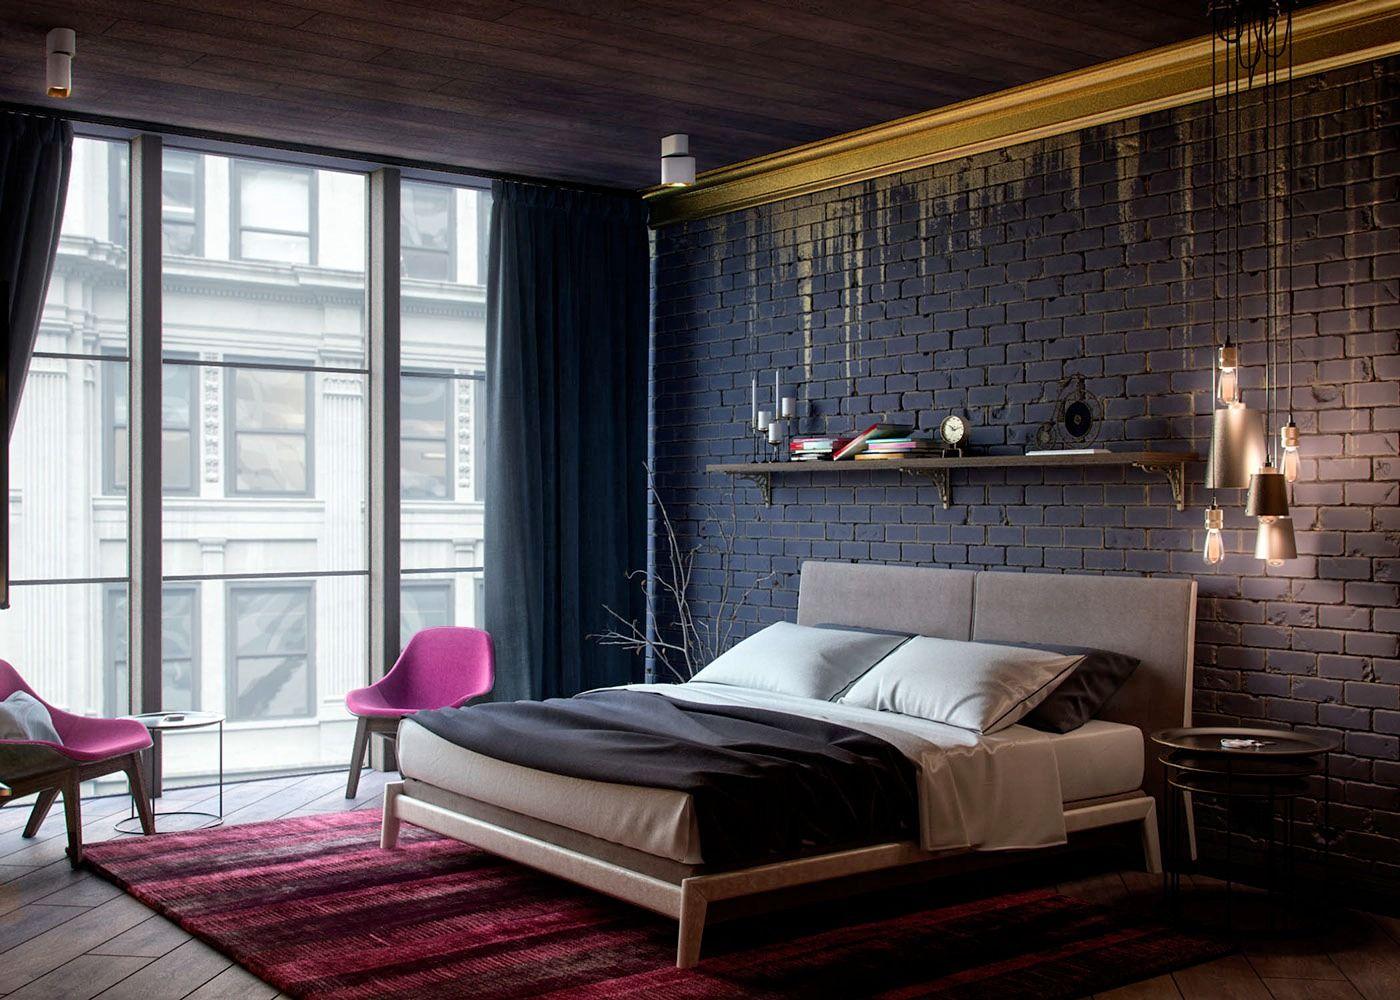 30 idées pour décorer les murs de votre chambre | Mur de briques ...